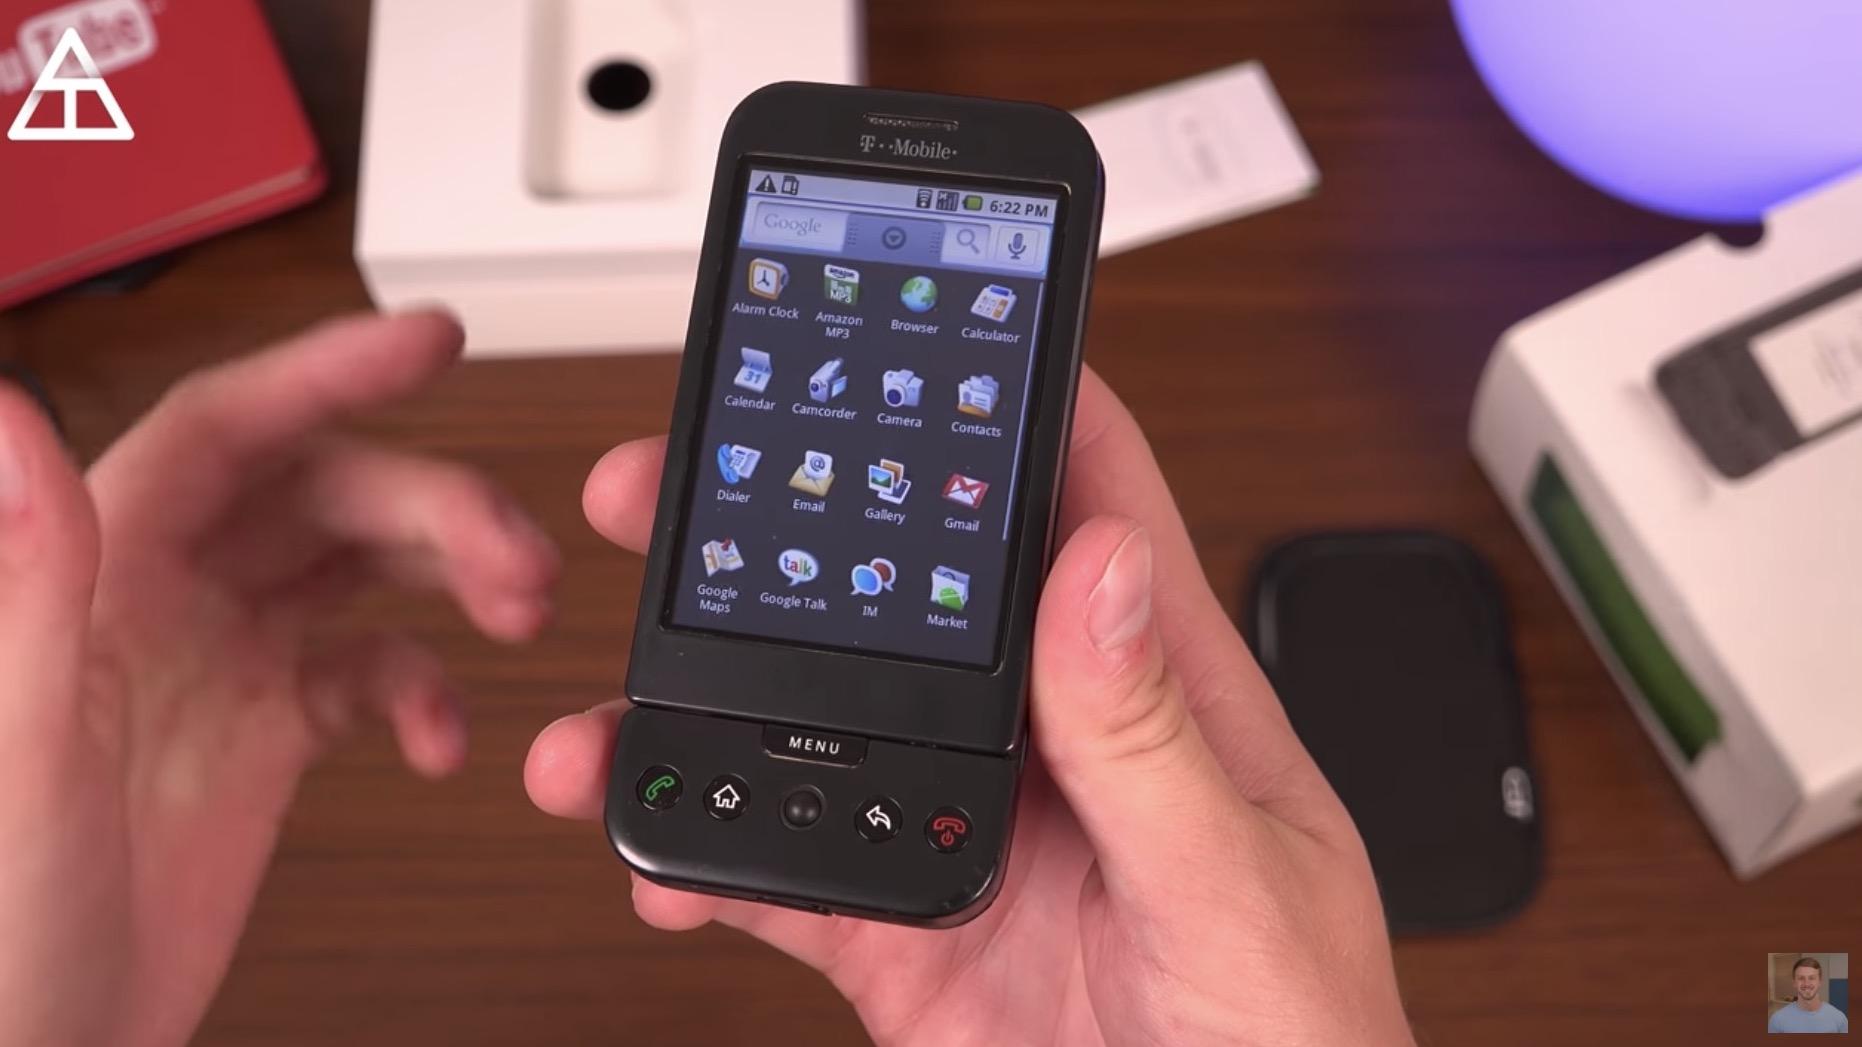 Nhìn lại Android 1.0 hơn 1 thập kỷ trước : Khi một hệ điều hành non trẻ bước những bước đầu tiên - Ảnh 4.